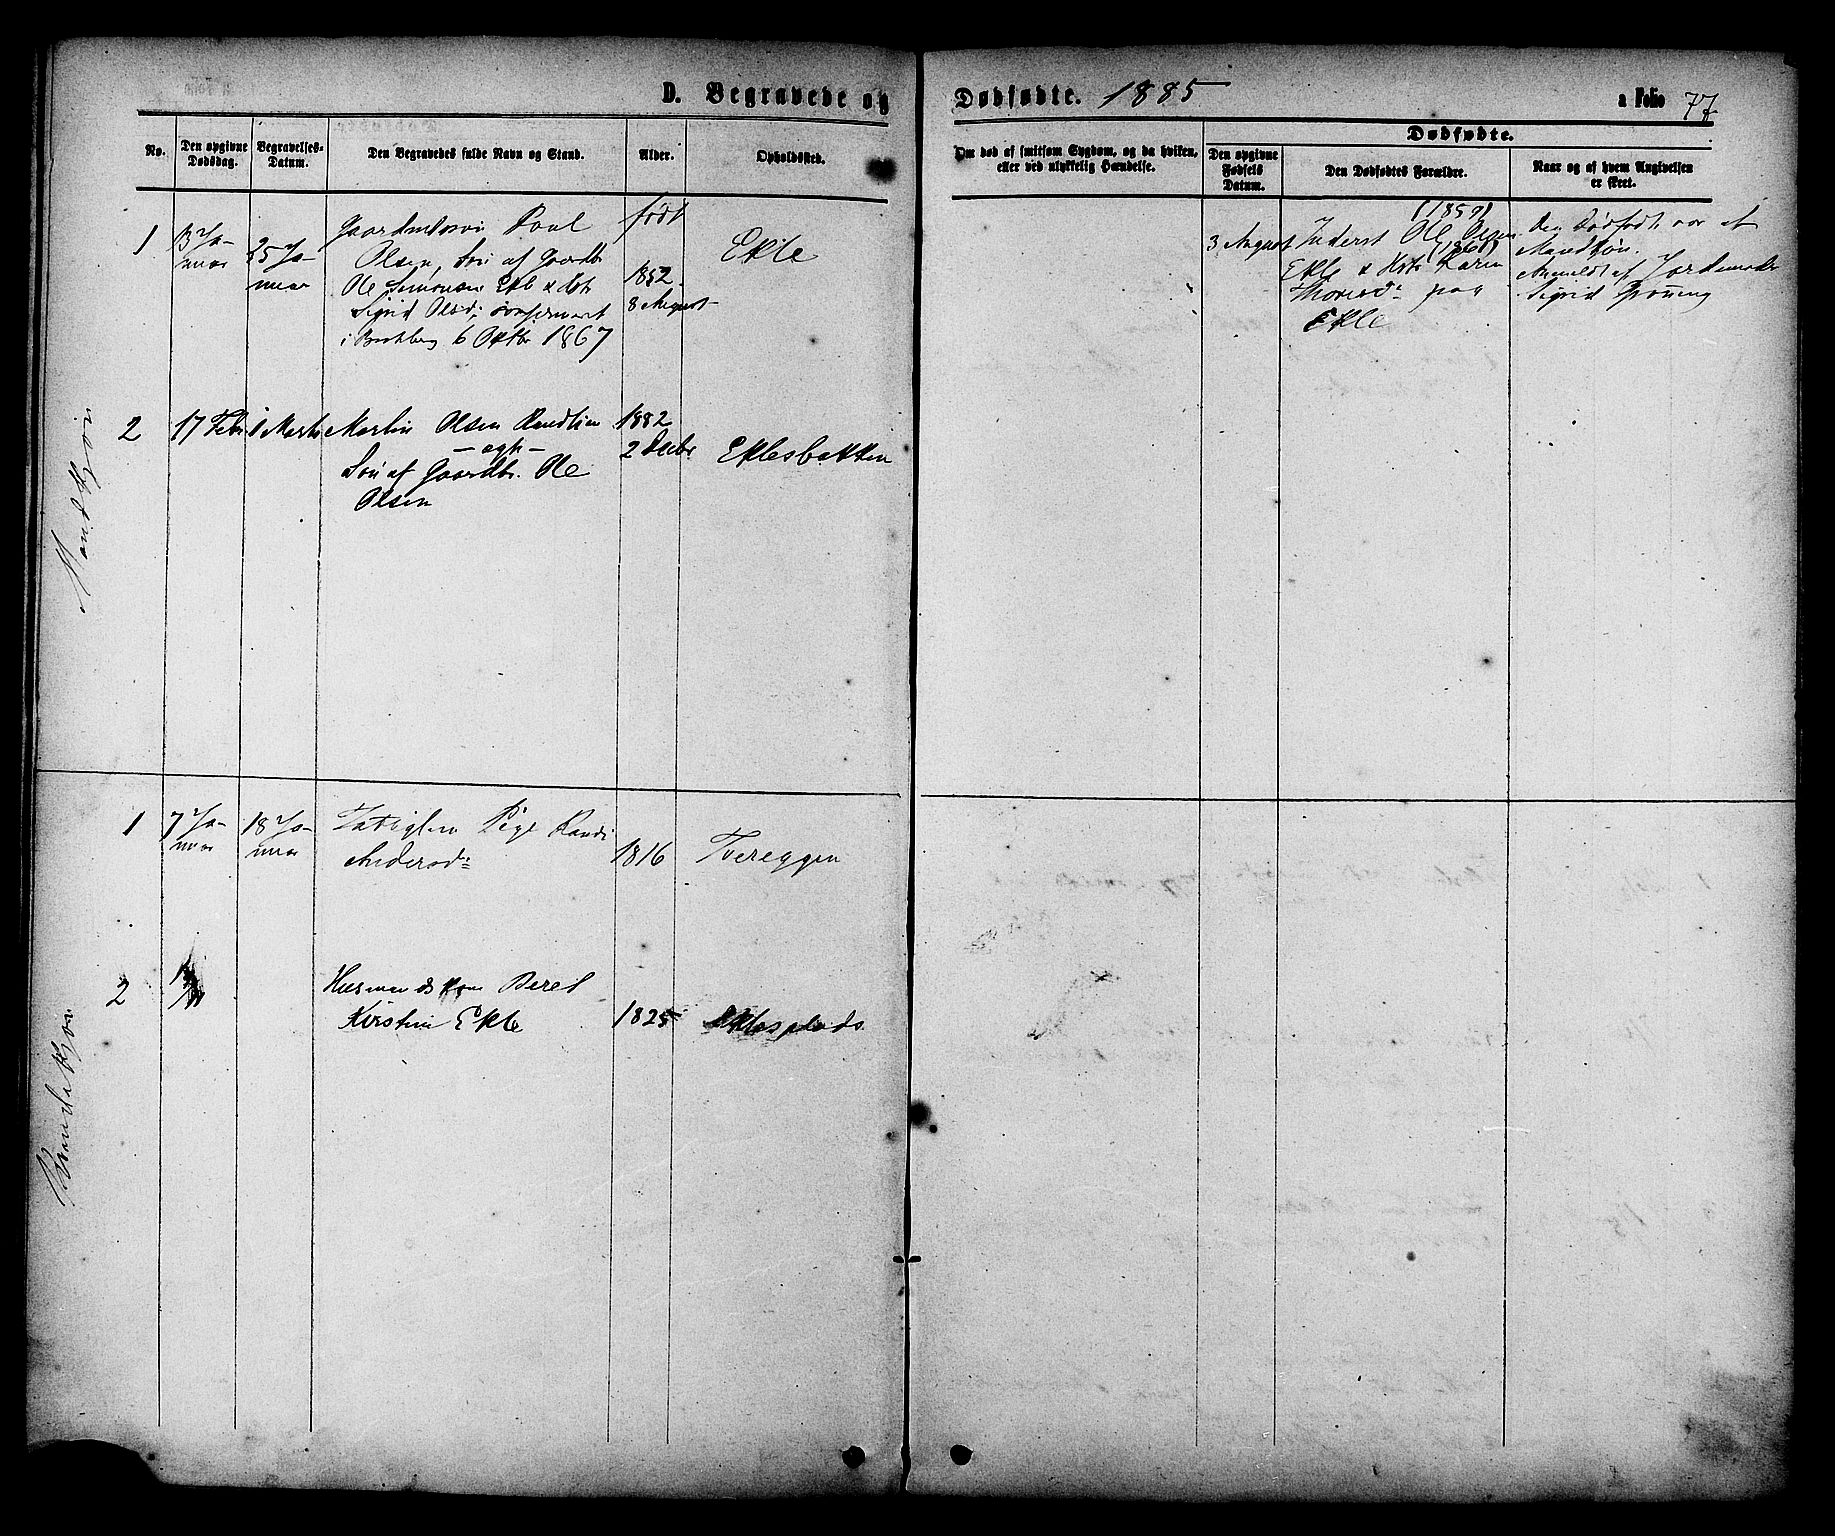 SAT, Ministerialprotokoller, klokkerbøker og fødselsregistre - Sør-Trøndelag, 608/L0334: Ministerialbok nr. 608A03, 1877-1886, s. 77